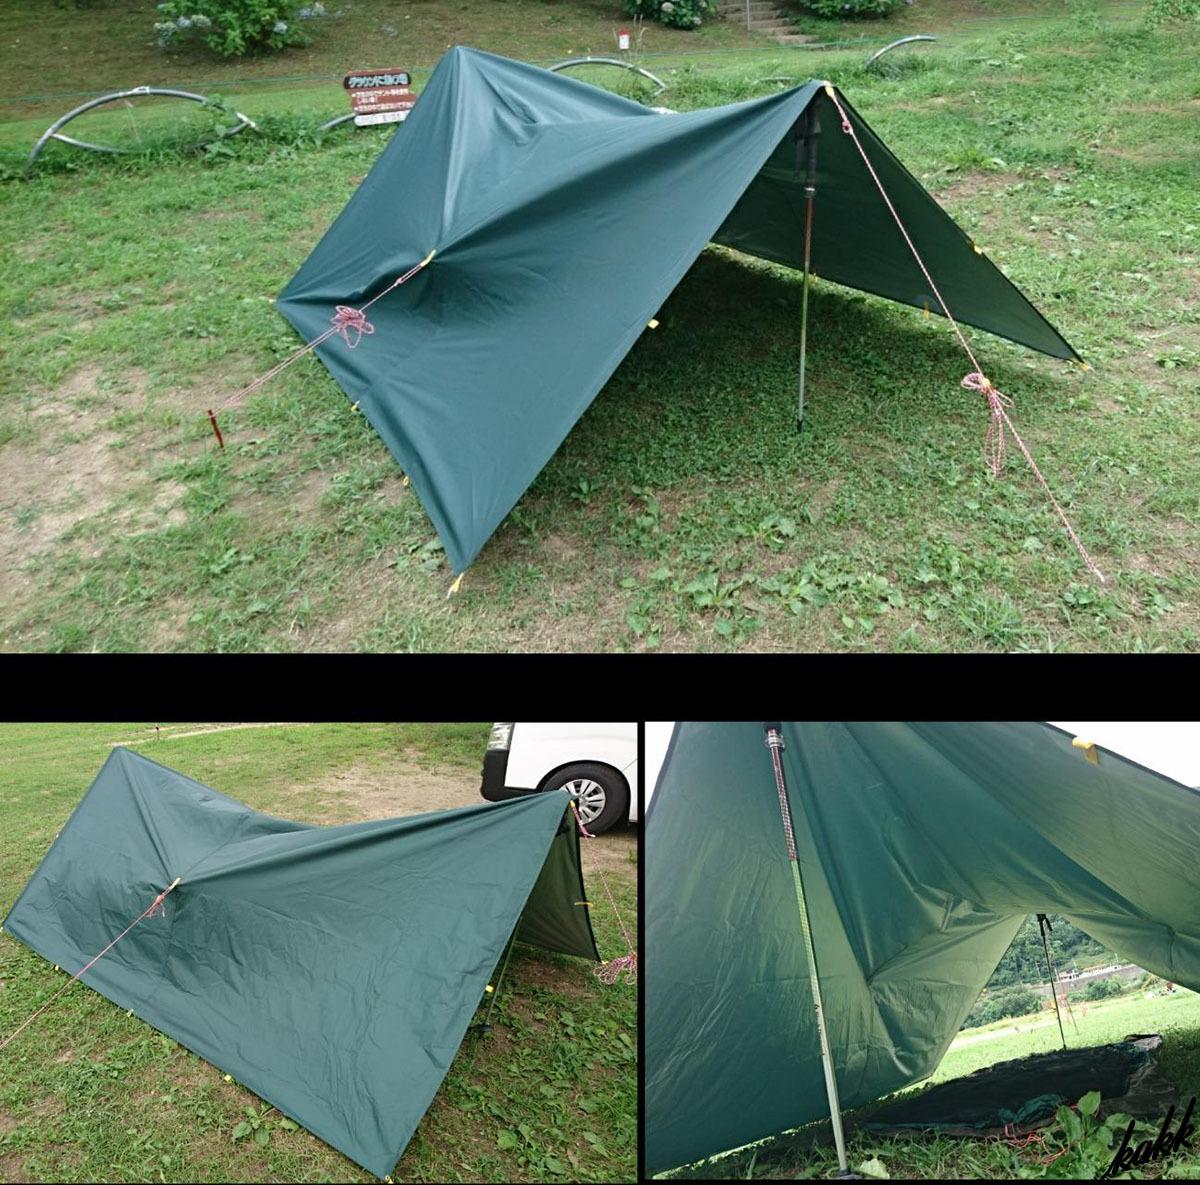 【防水 天幕シェード】 グリーン 300×500cm タープ 紫外線カット 遮光 日差し防止 軽量 コンパクト キャンプ道具 アウトドア ツーリング